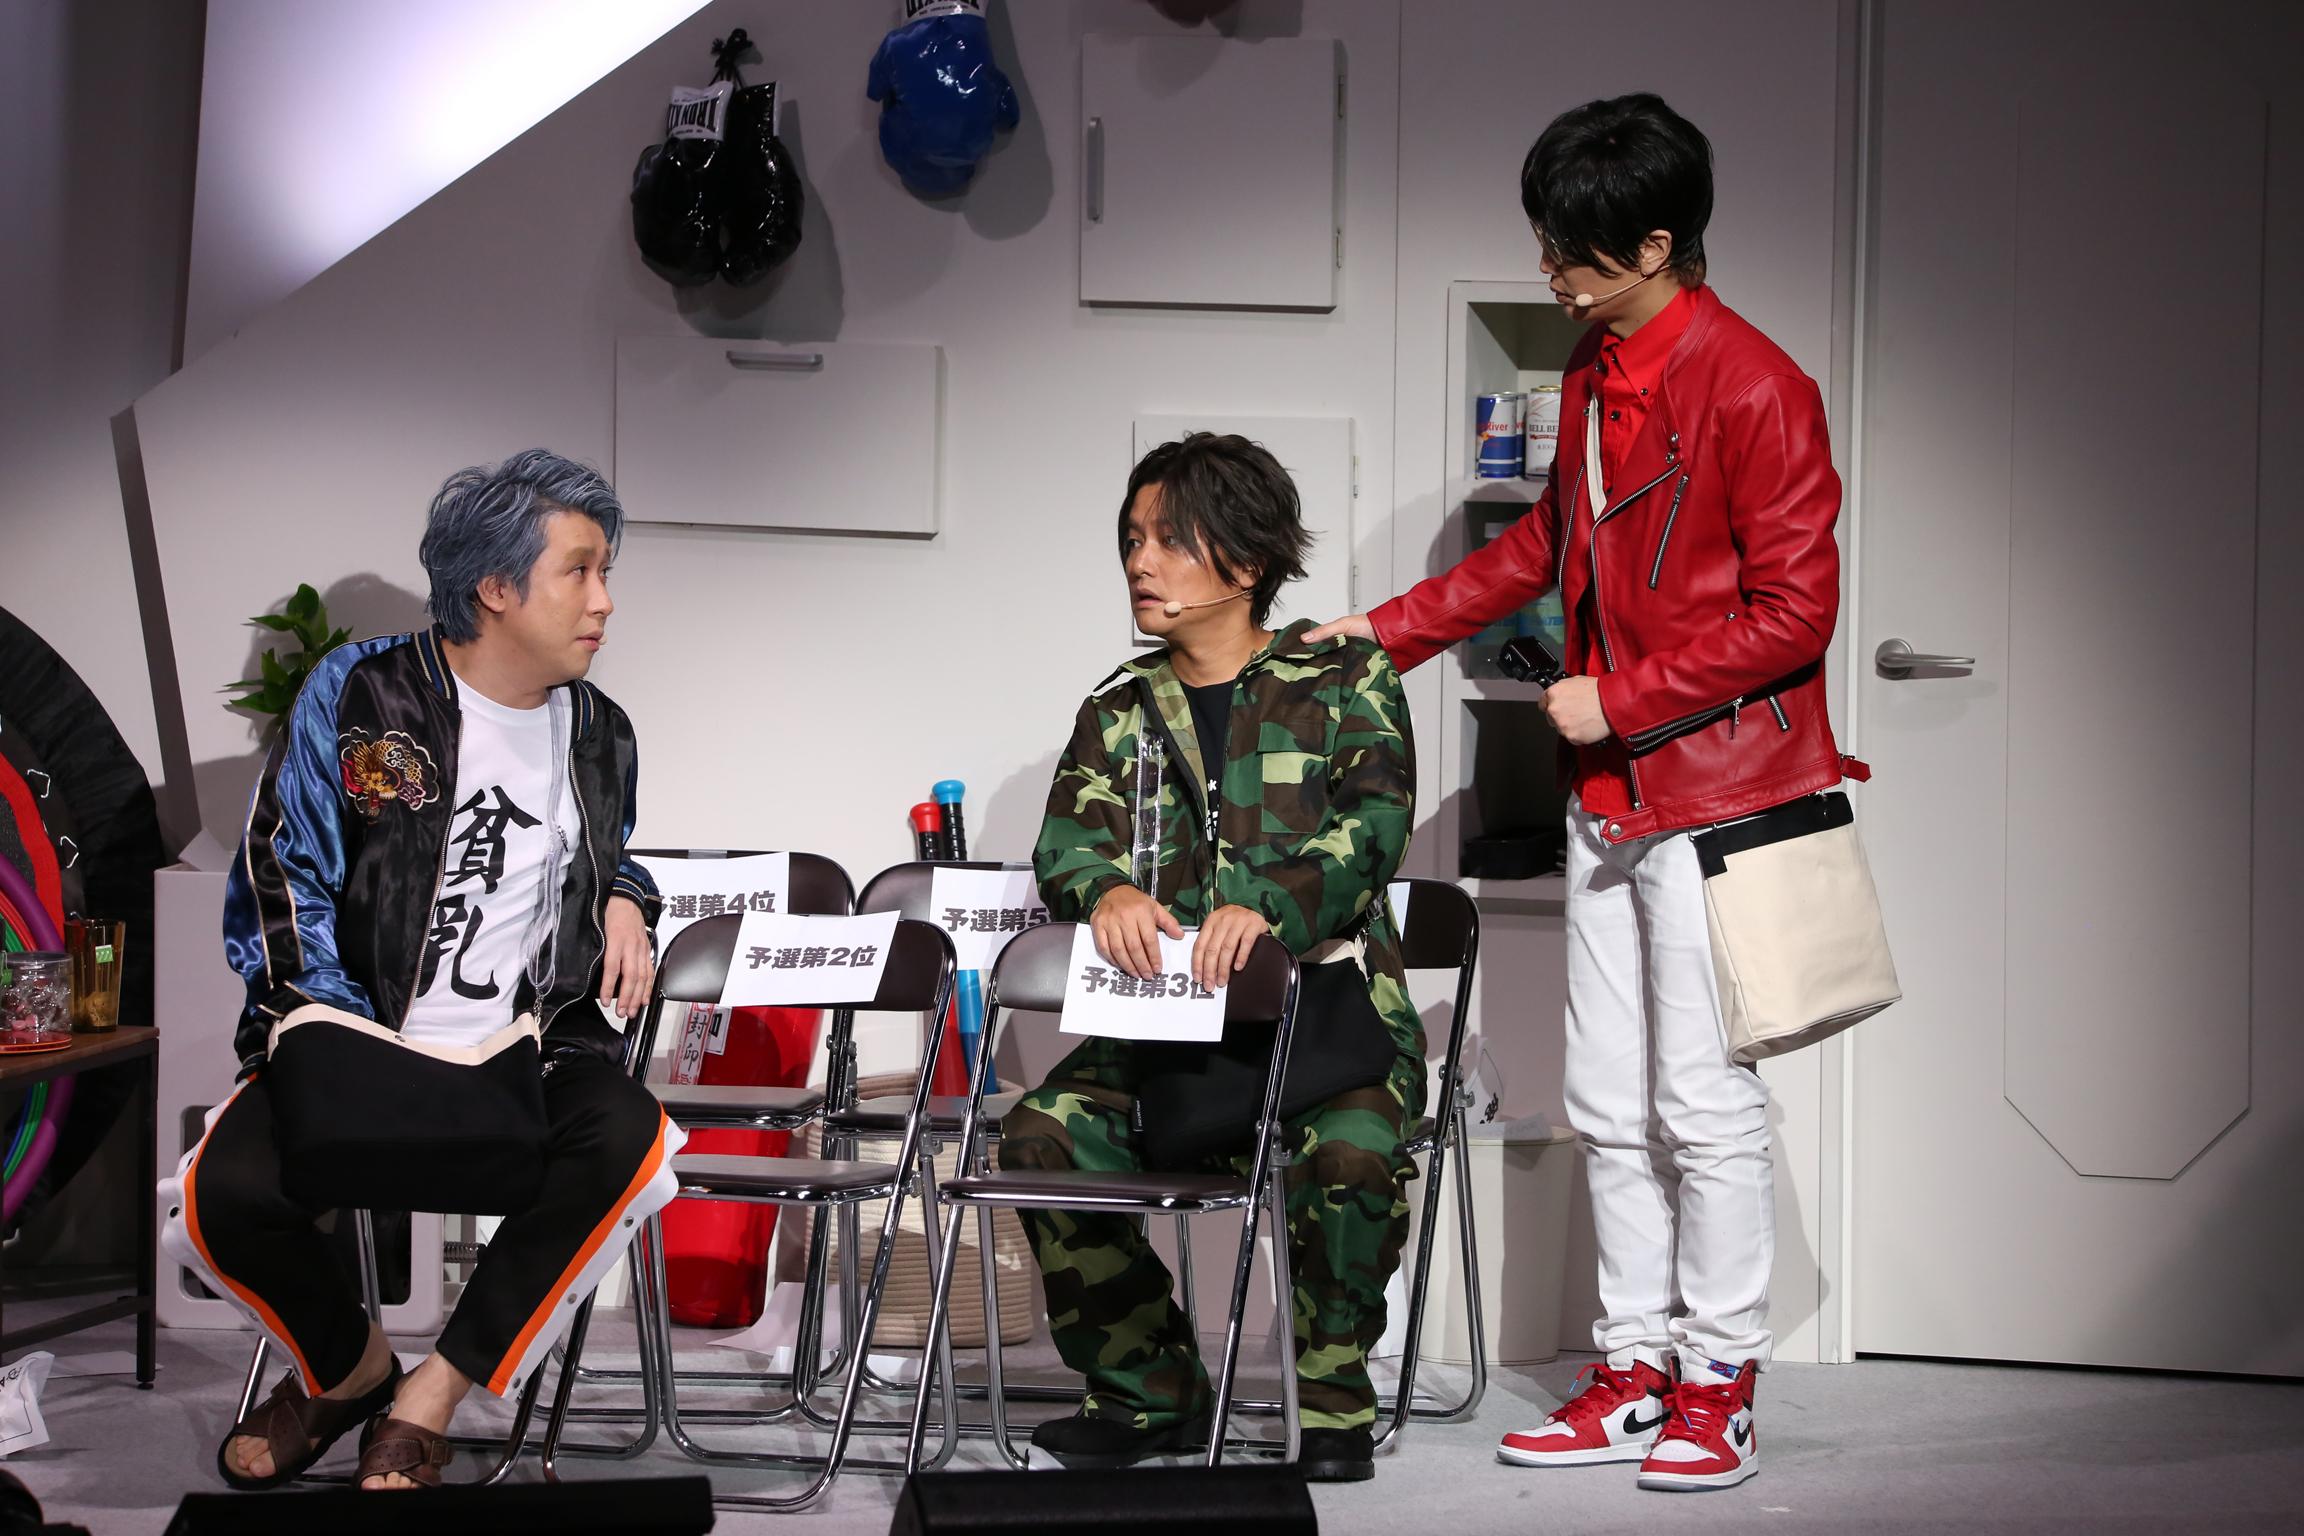 [2020.1.18夜公演]浅沼晋太郎、鈴村健一、森久保祥太郎 (C) AD-LIVE Project